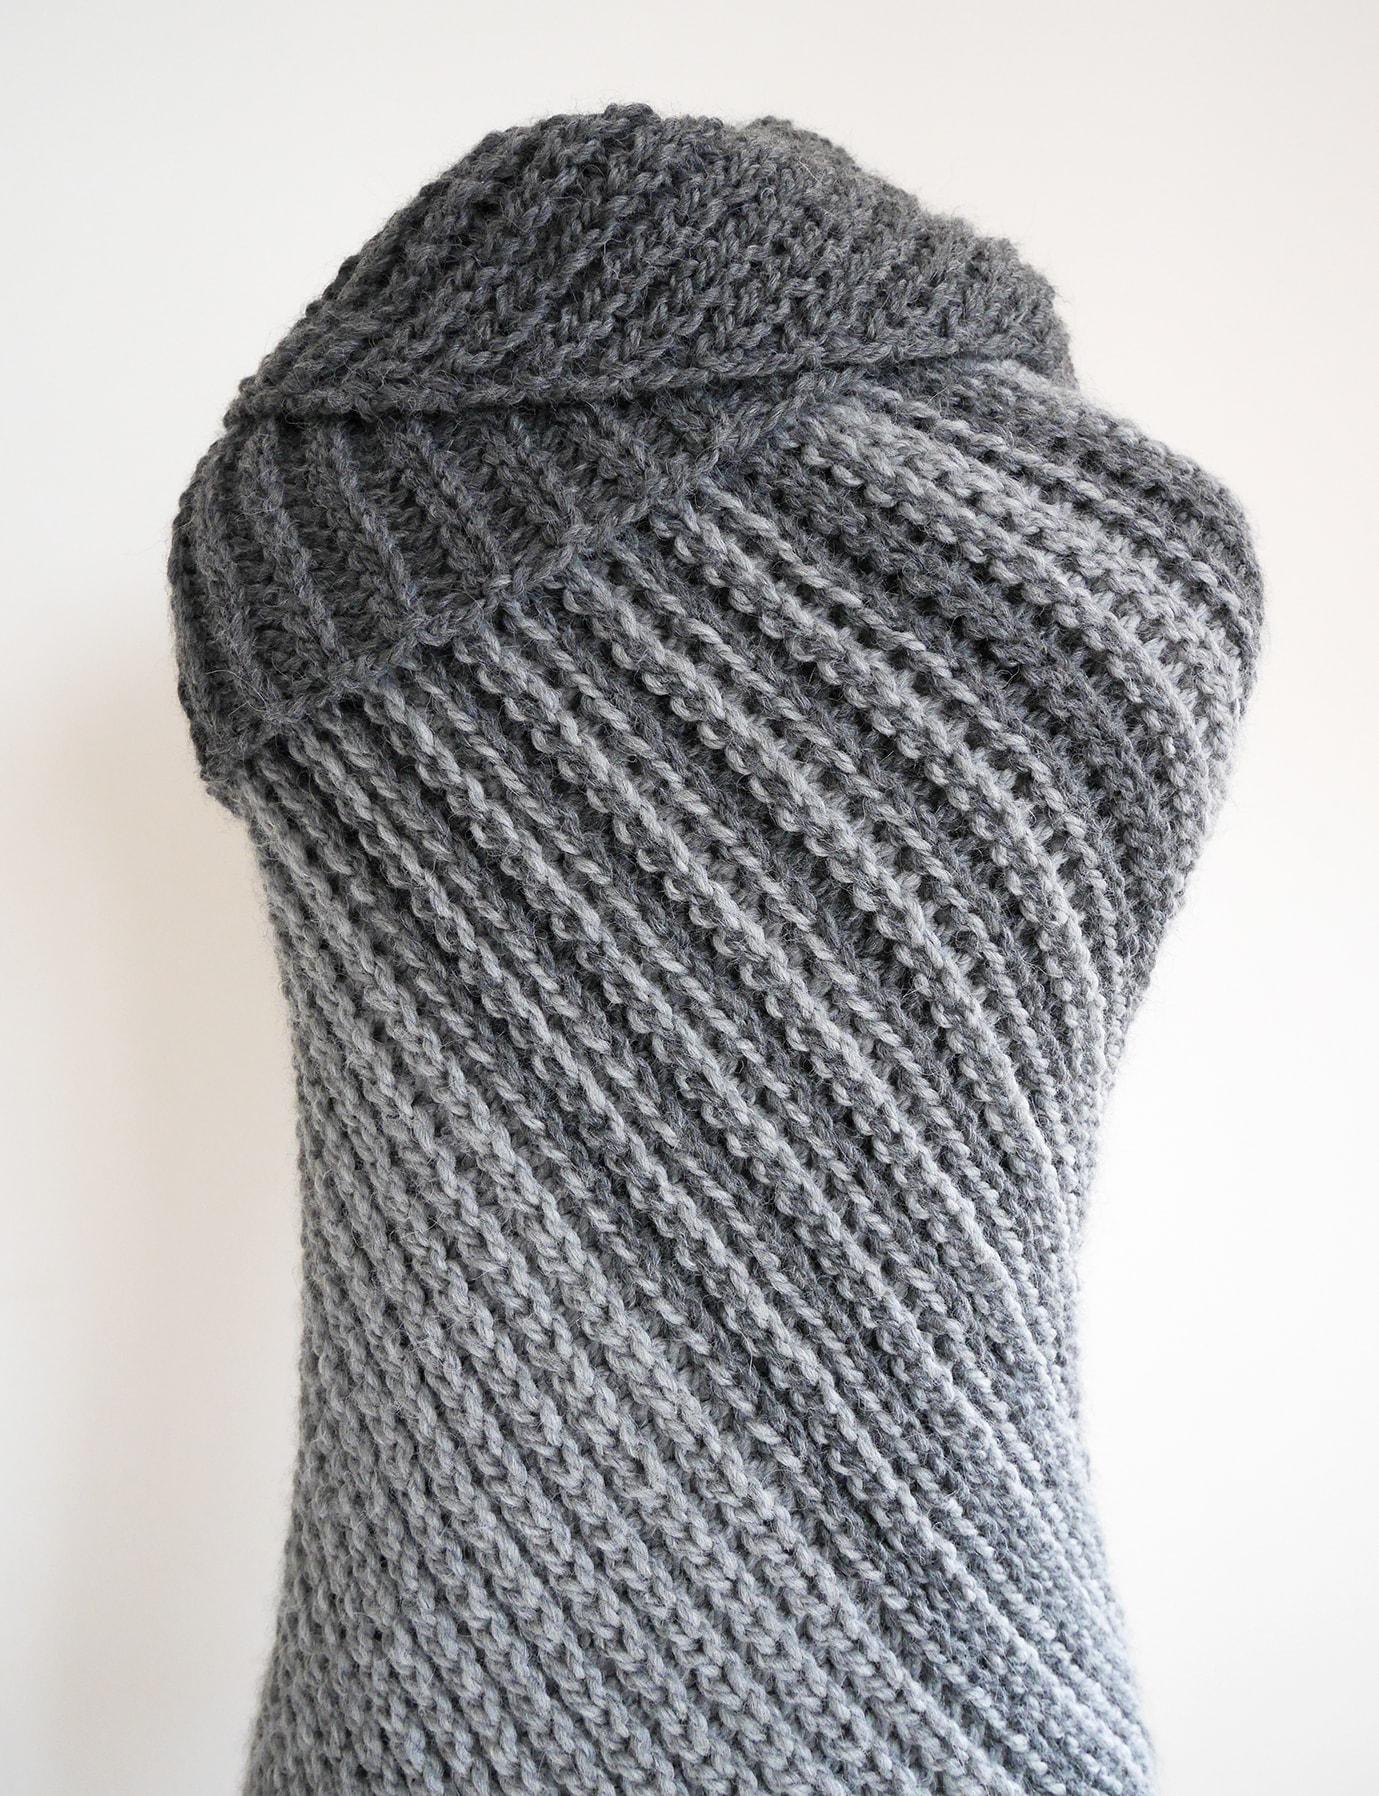 Asymmetrical shawl crochet pattern | triangle crochet wrap pattern